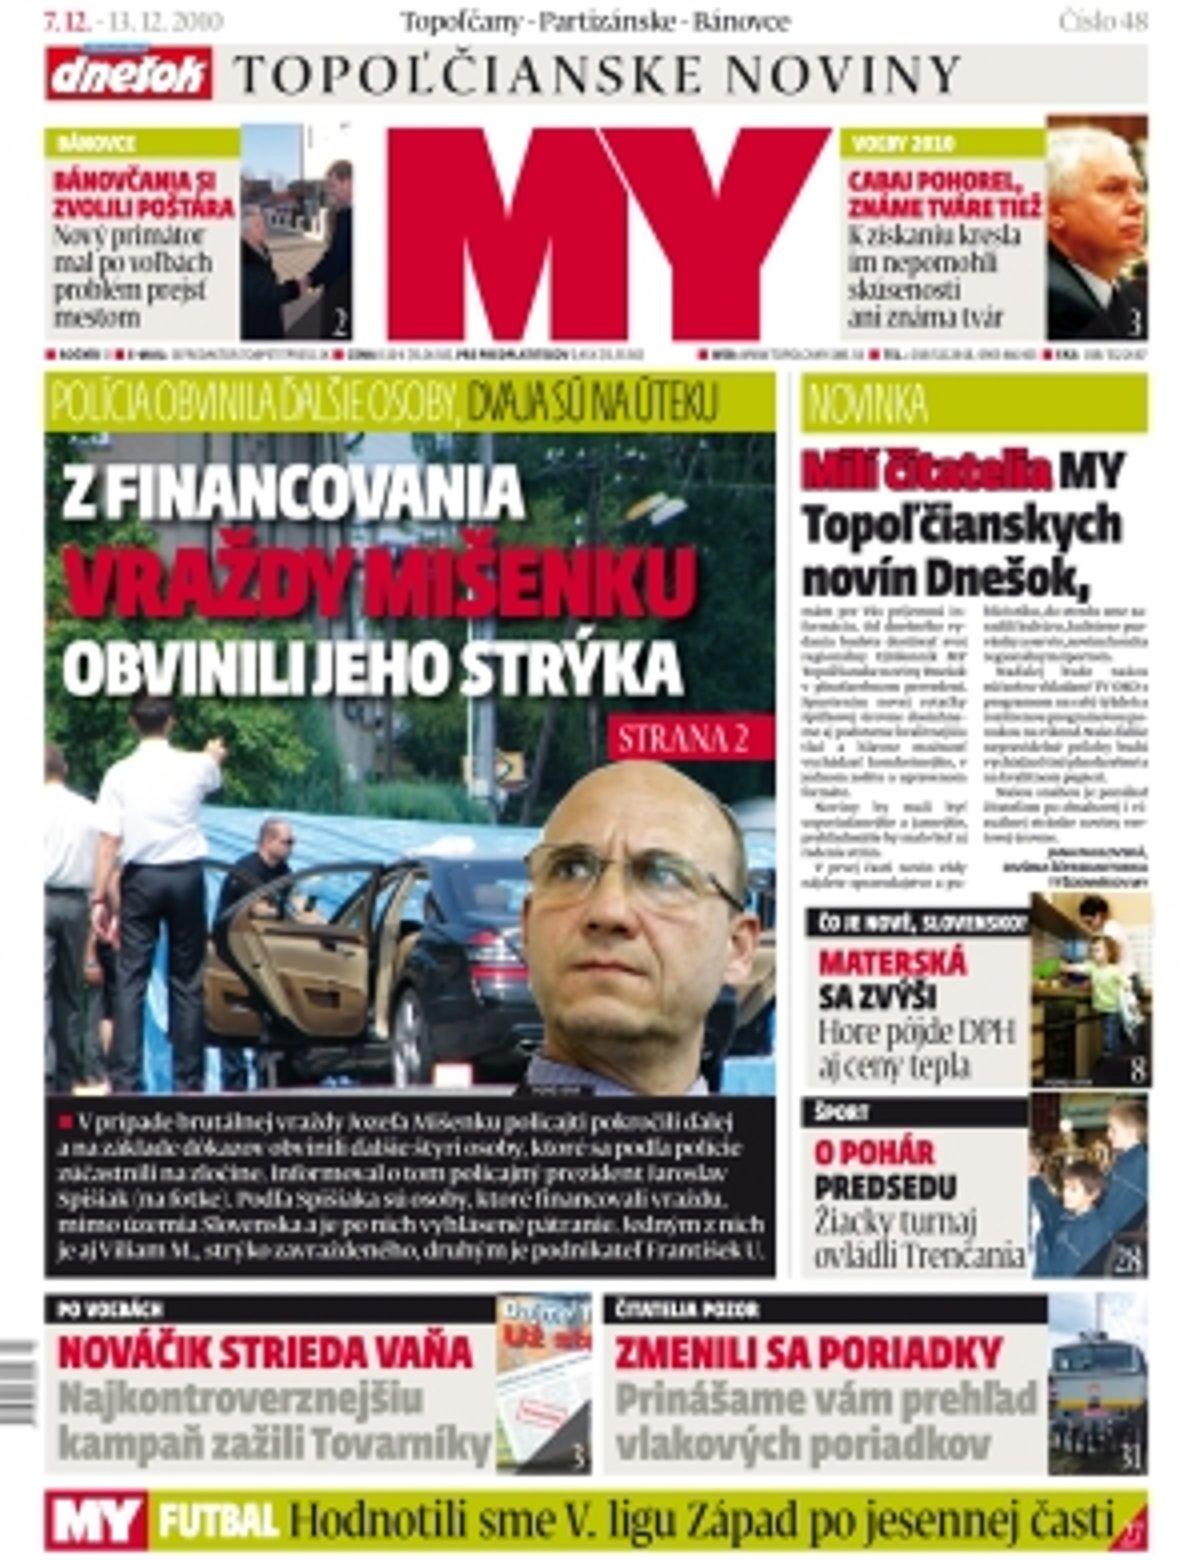 1f549618f Najnovšie číslo MY Topoľčianske noviny Dnešok vyšlo v utorok - SME ...